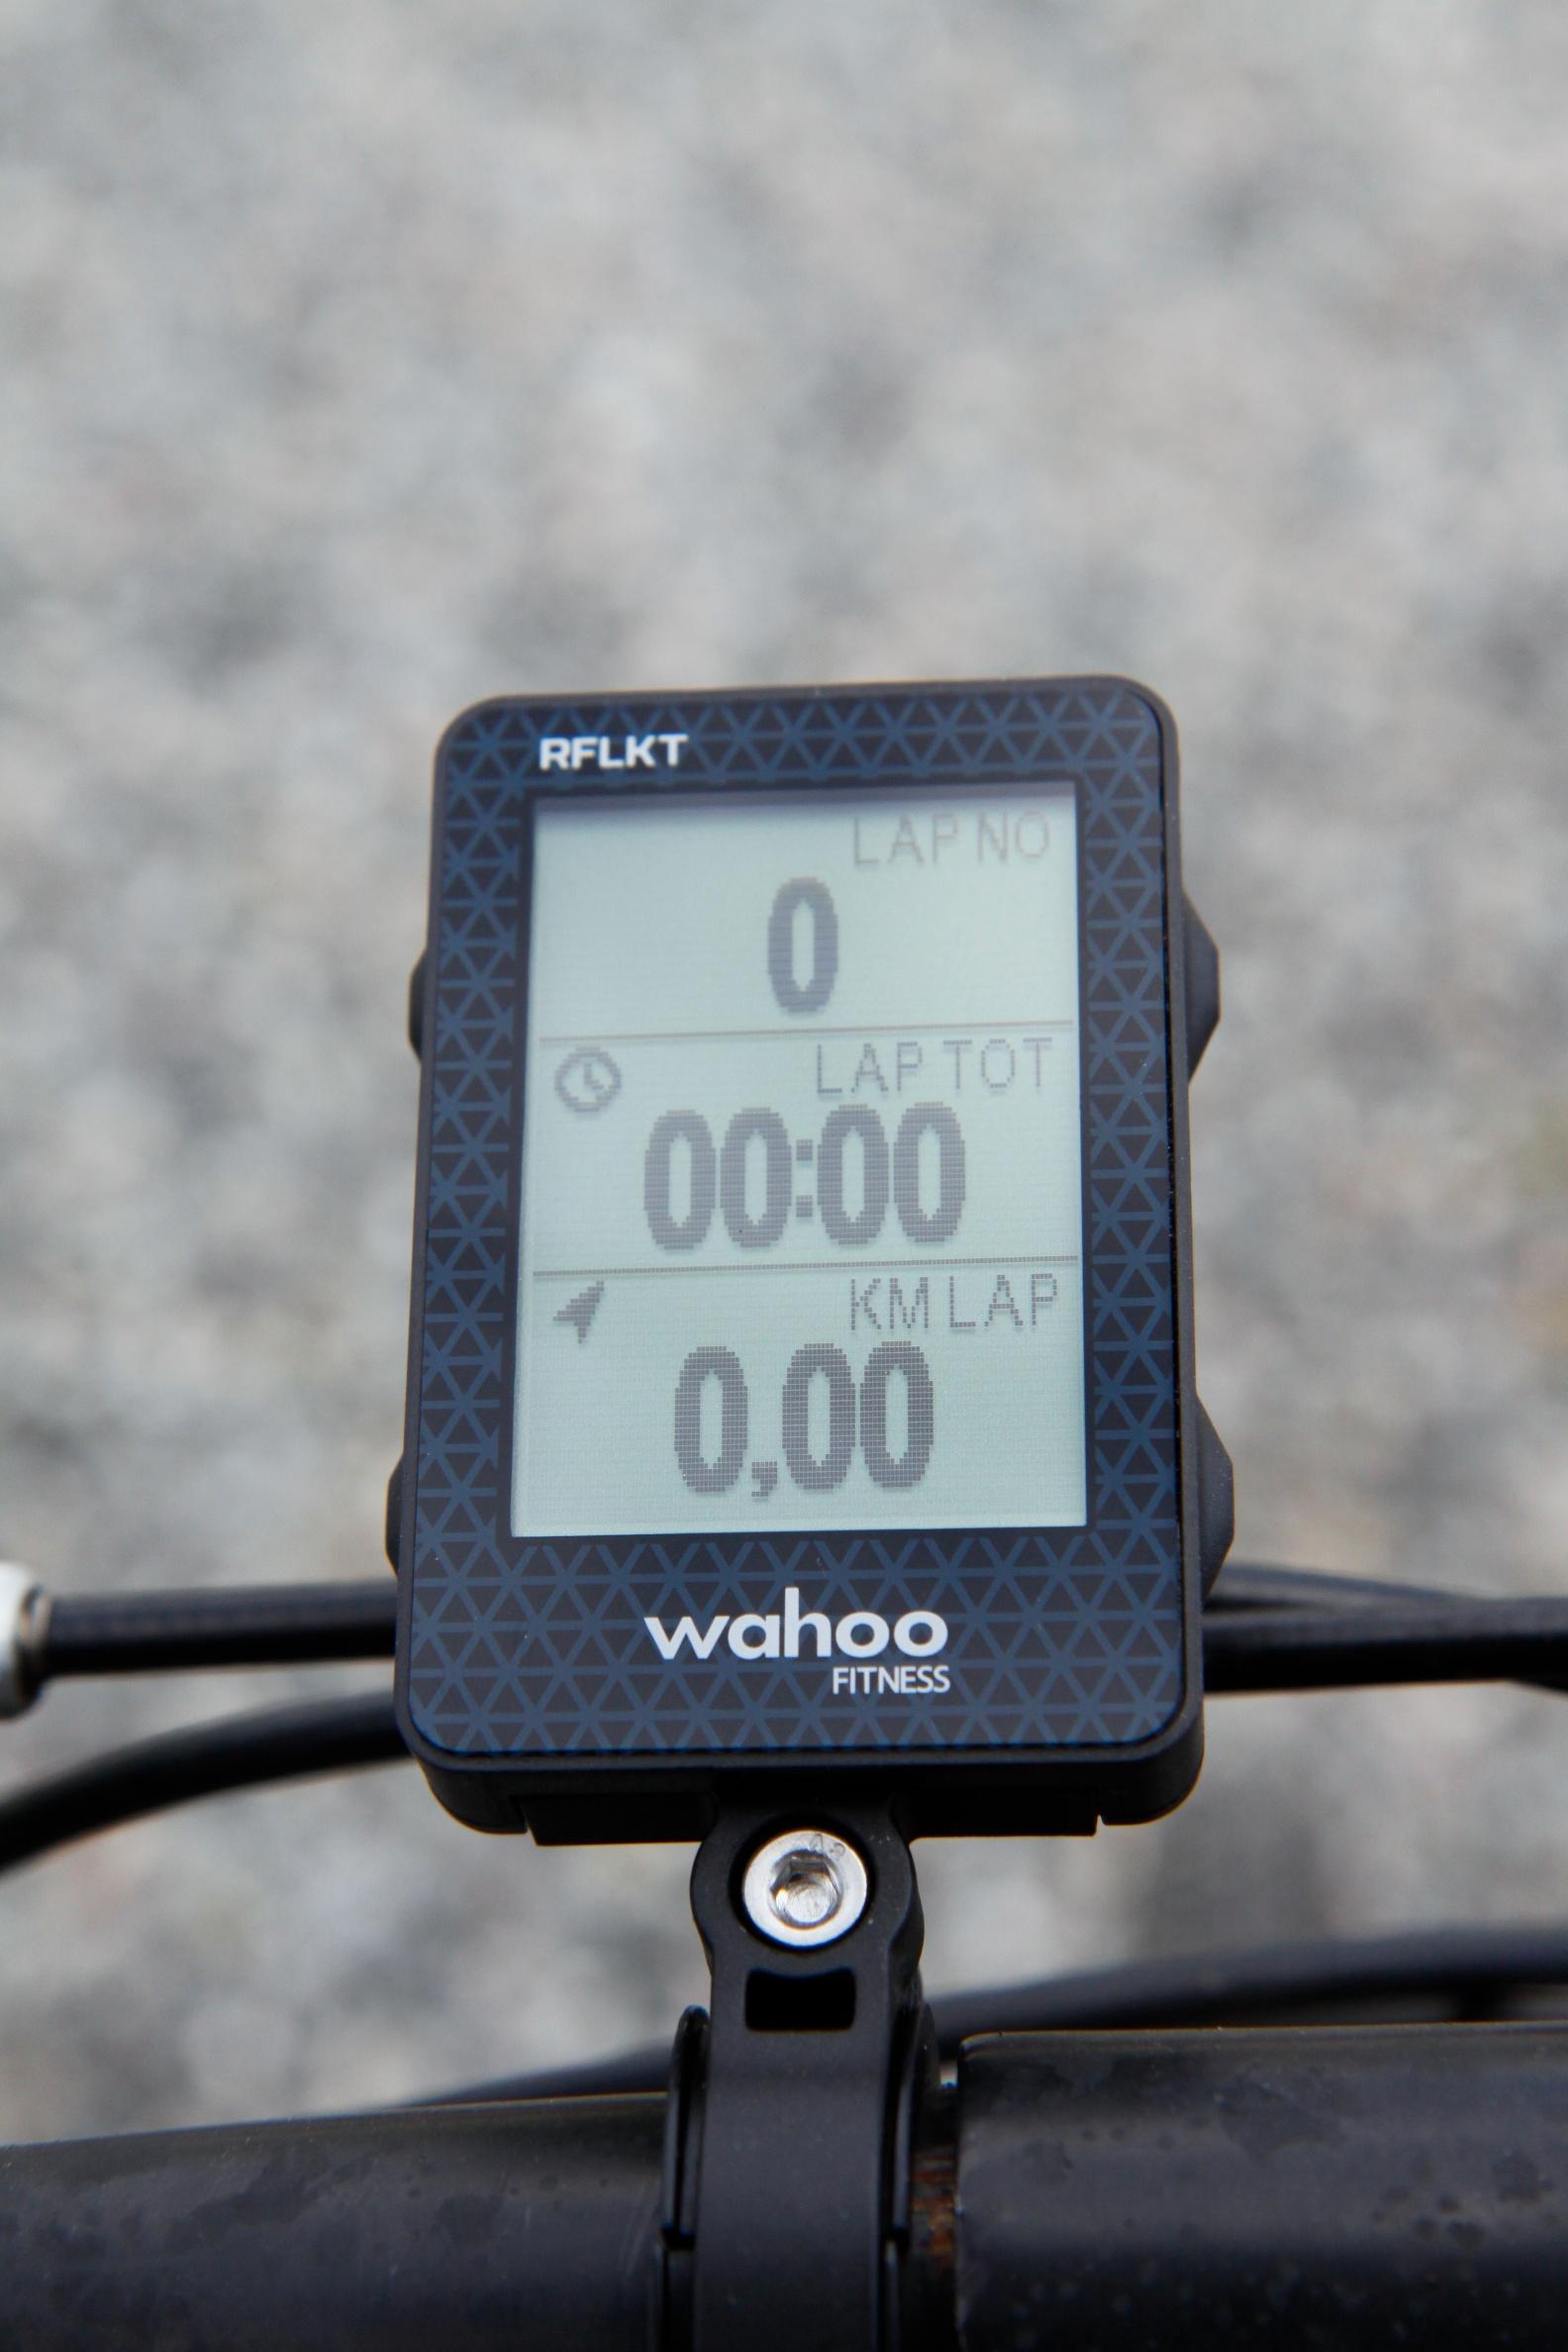 Wahoo RFLKT har knapper på siden som lar deg raskt endre hvilken informasjon som skal vises på skjermen. Foto: Kurt Lekanger, Amobil.no